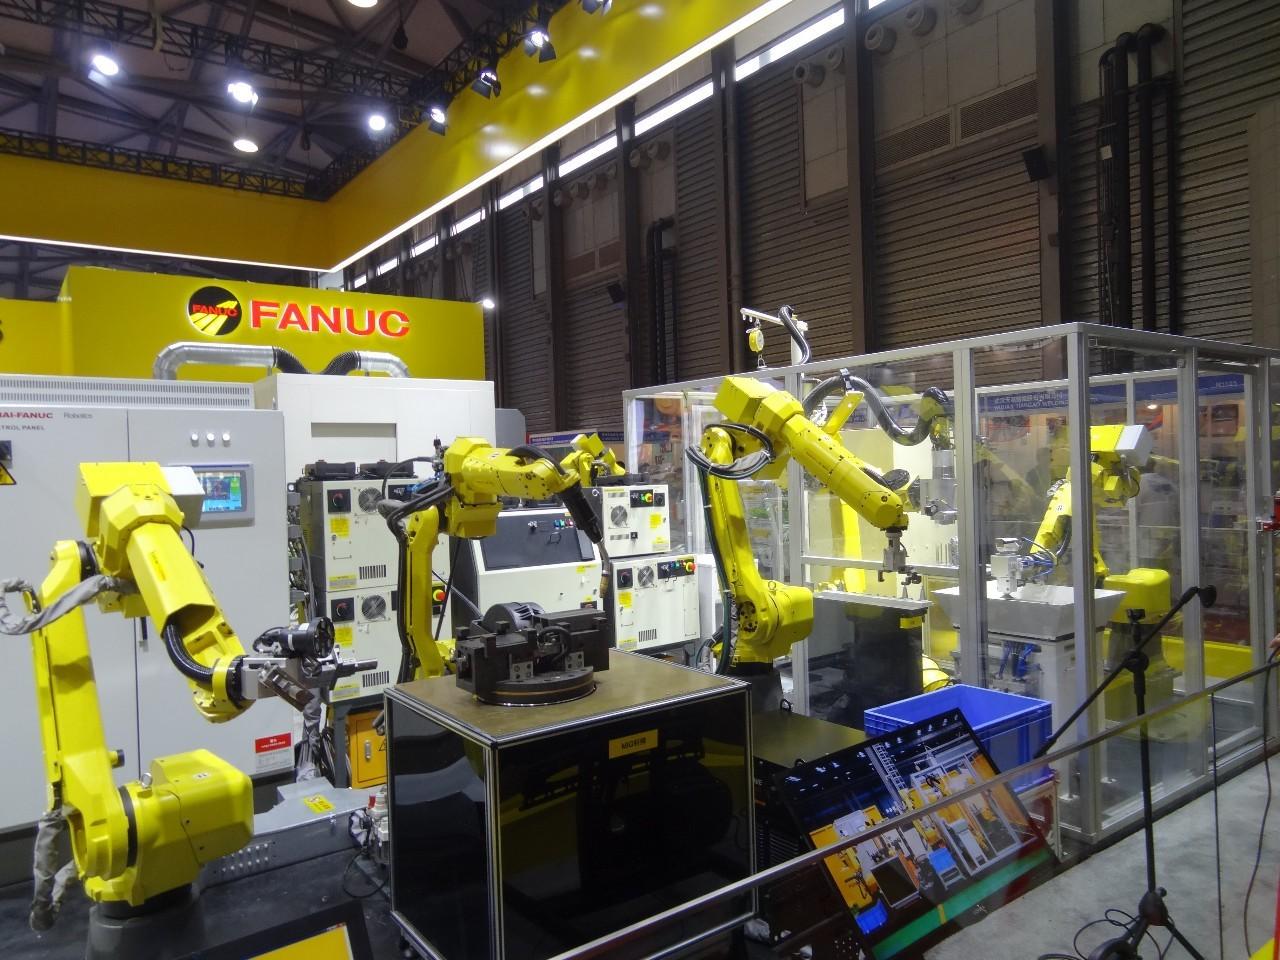 发那科机器人焊缝智能铣削打磨应用方案展示.png